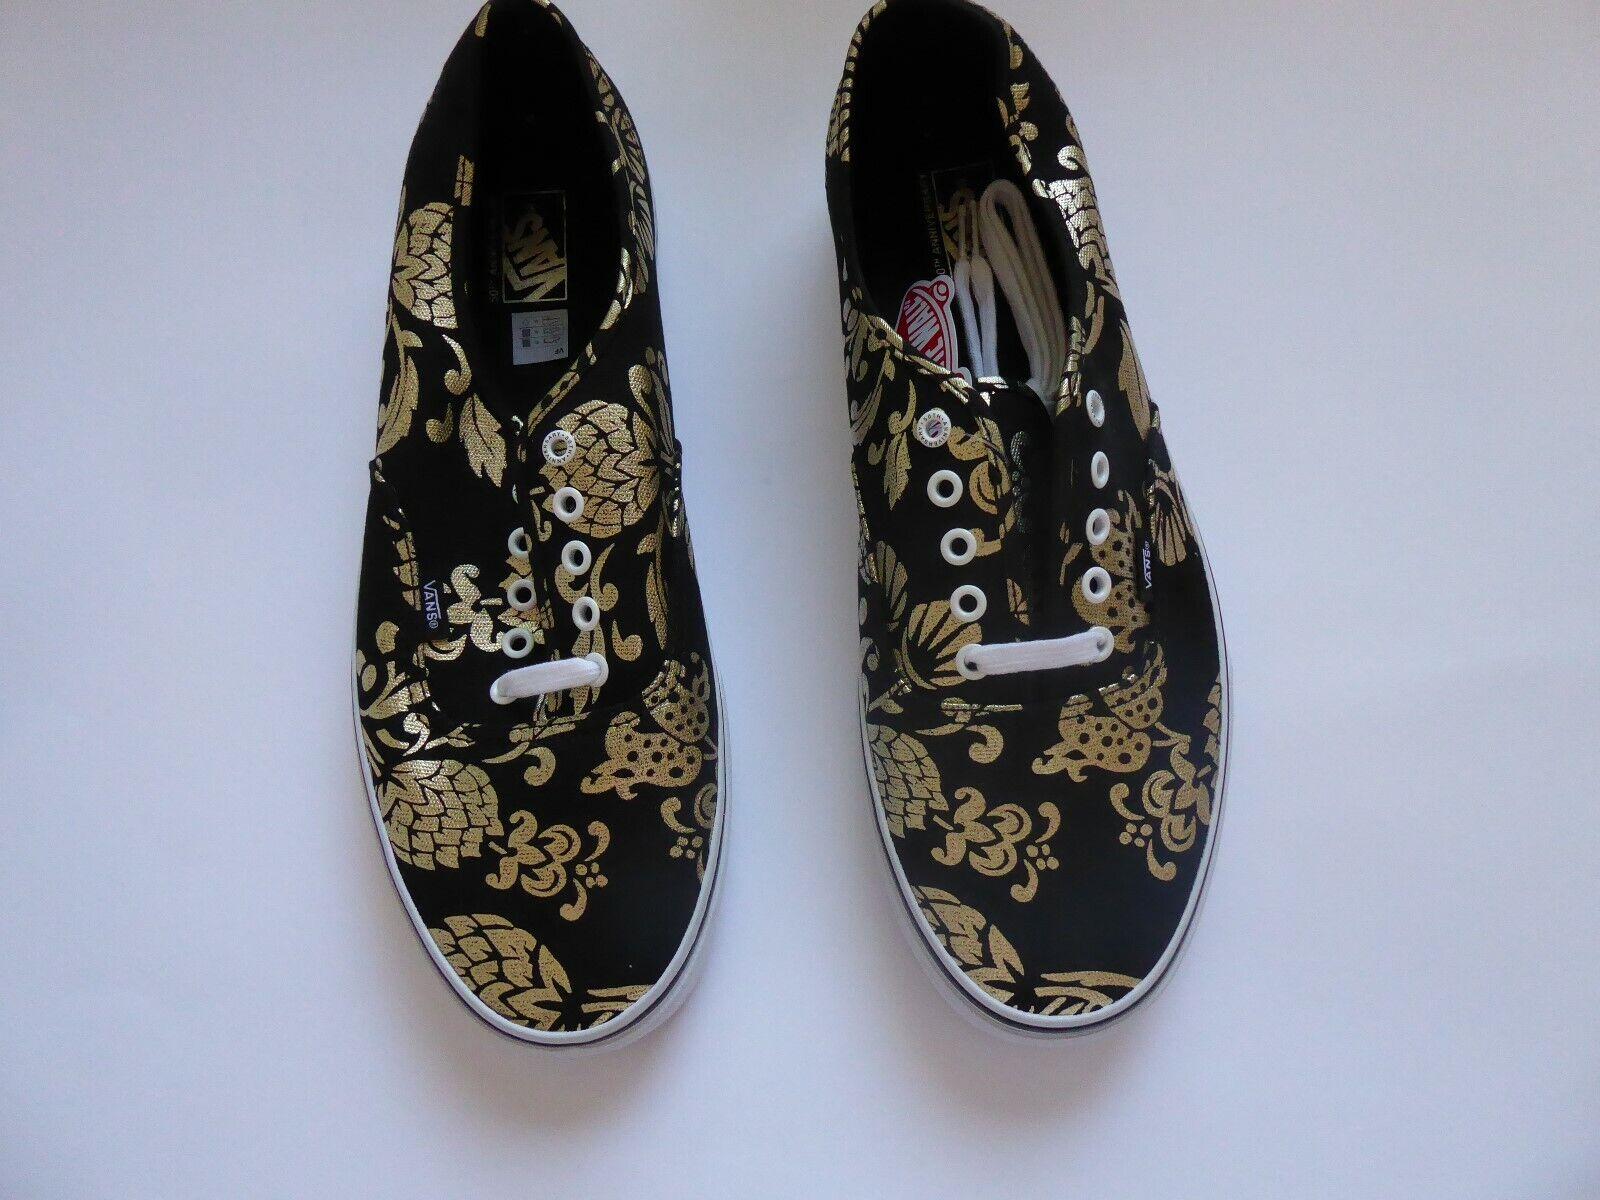 Vans cortos lino zapatos 50. años Edition señores talla 47 nuevo